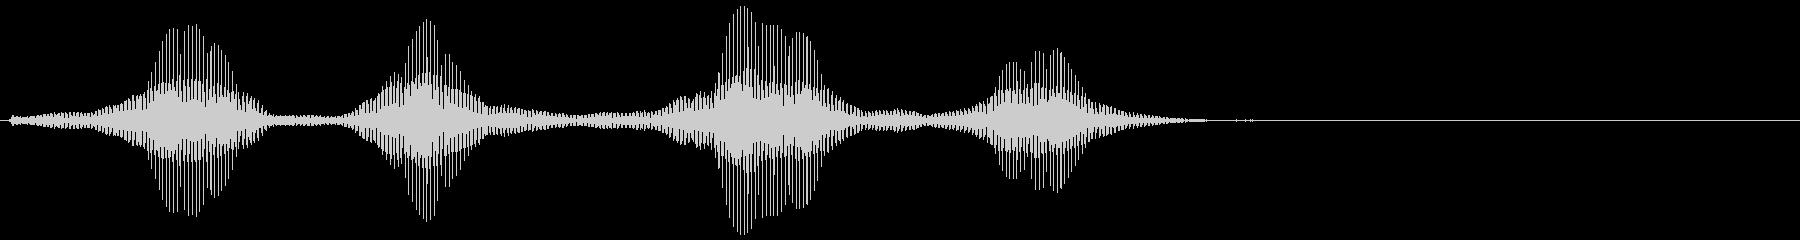 バリトンサックス:ワーブリートリル...の未再生の波形